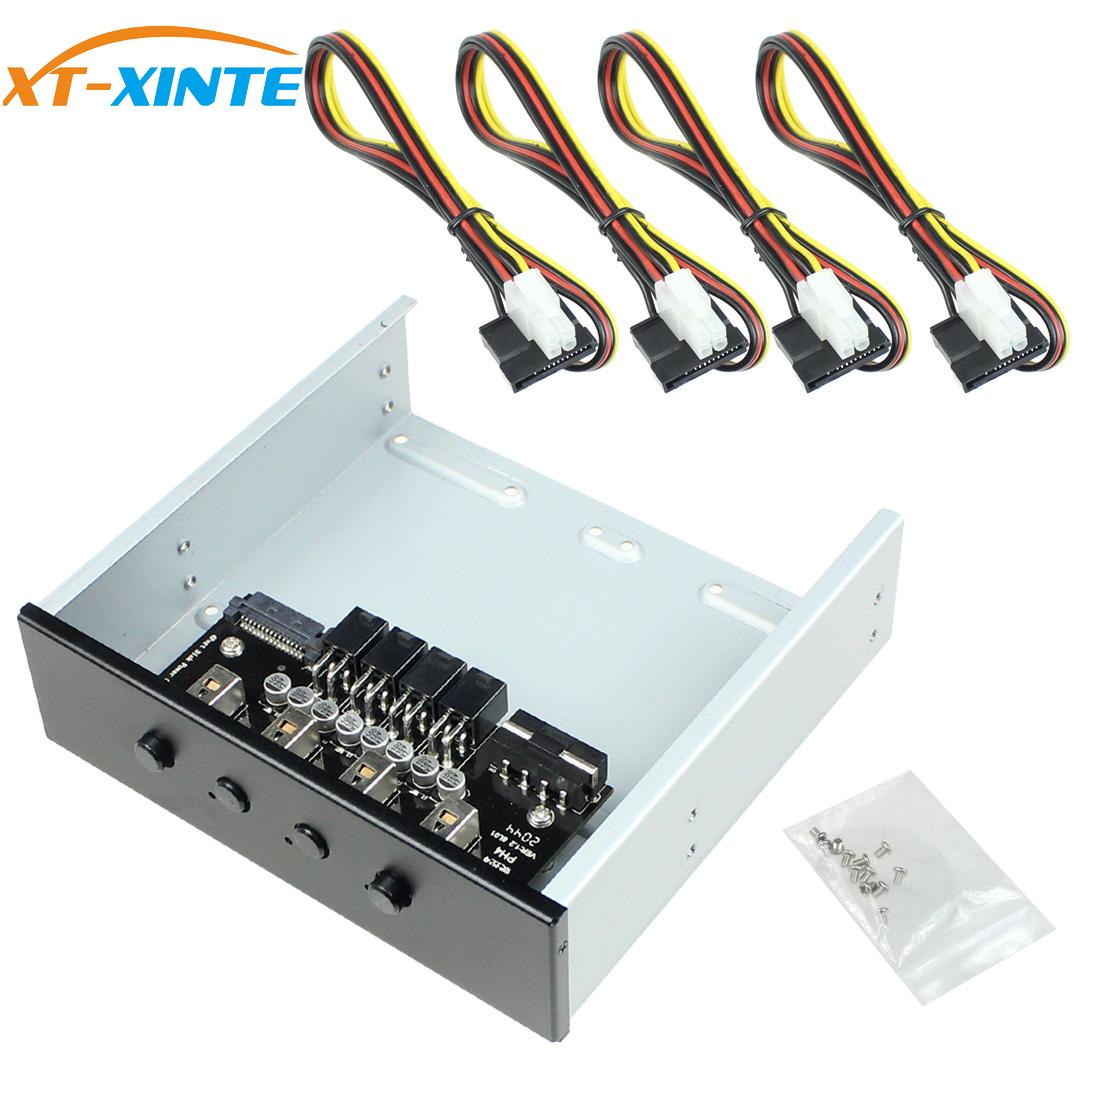 XT-XINTE ذكي 4/6 تحكم القرص الثابت إدارة نظام Hub HDD SSD الطاقة التبديل مع المسلسل/SATA كابل الطاقة